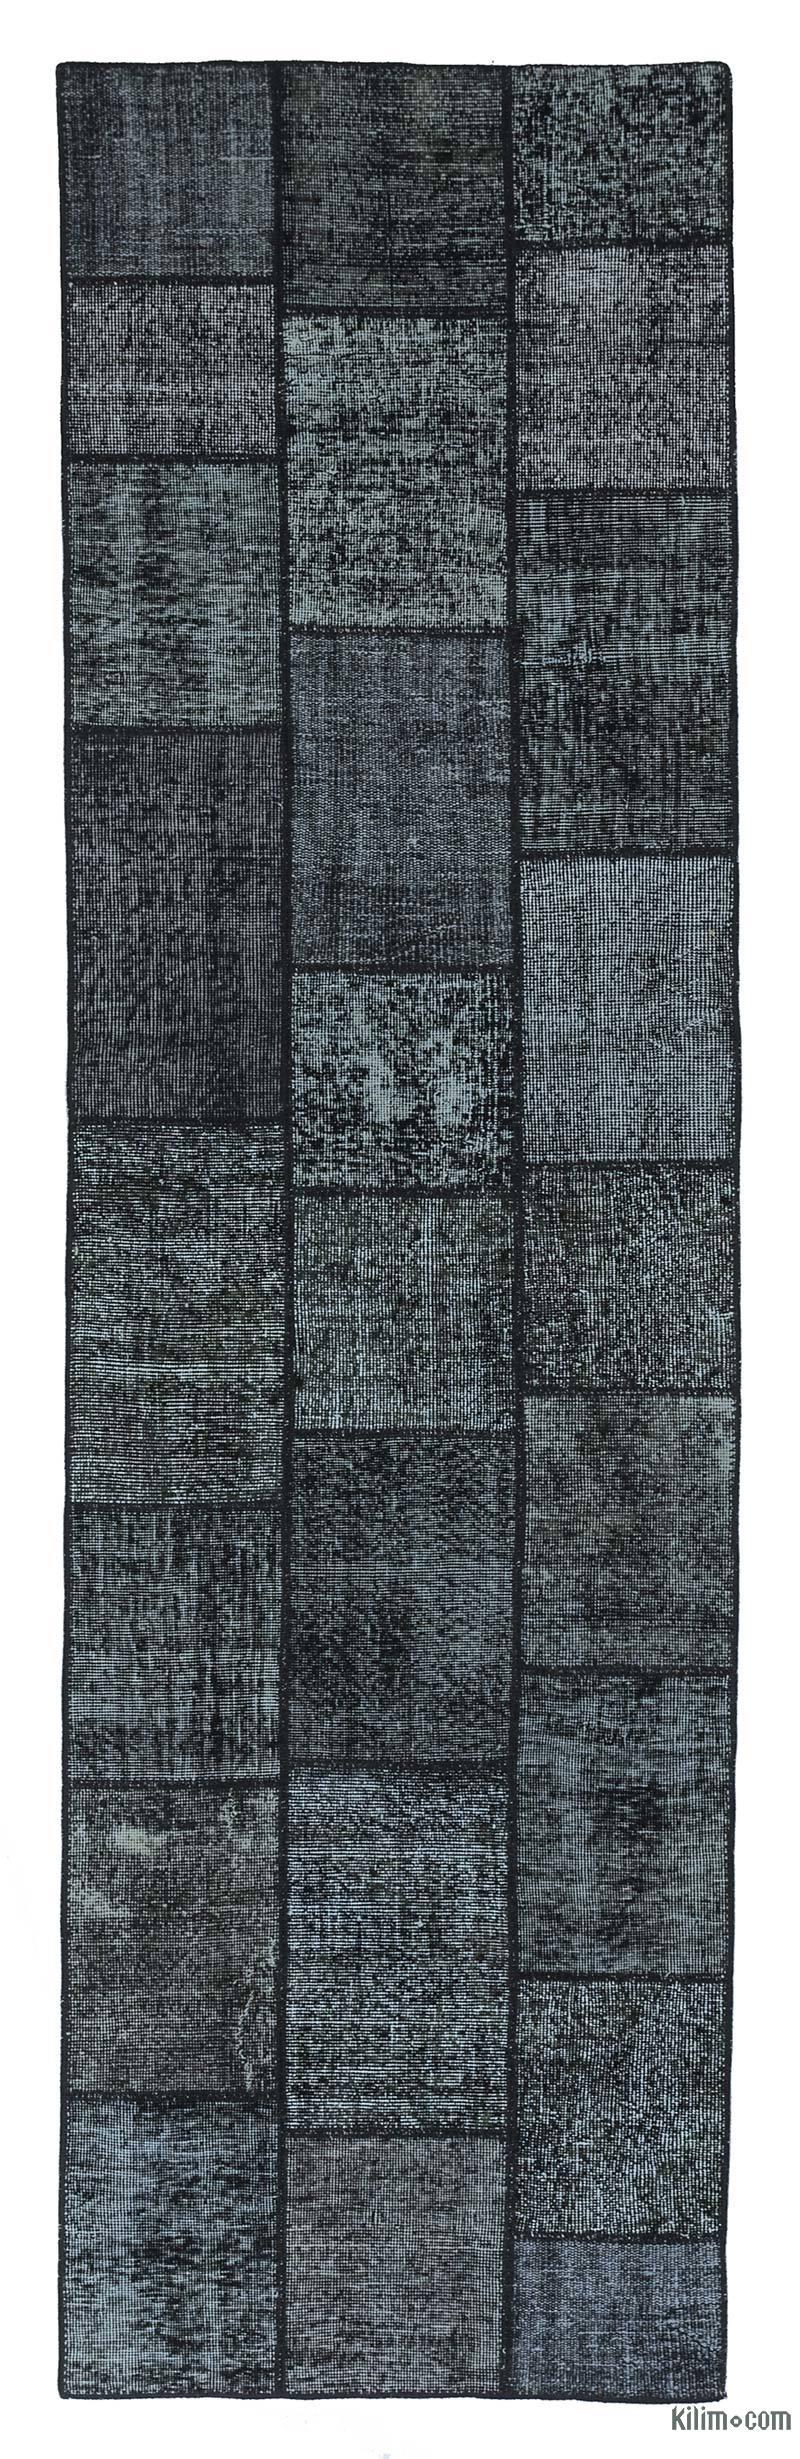 Black Over-dyed Turkish Patchwork Runner Rug - K0018755